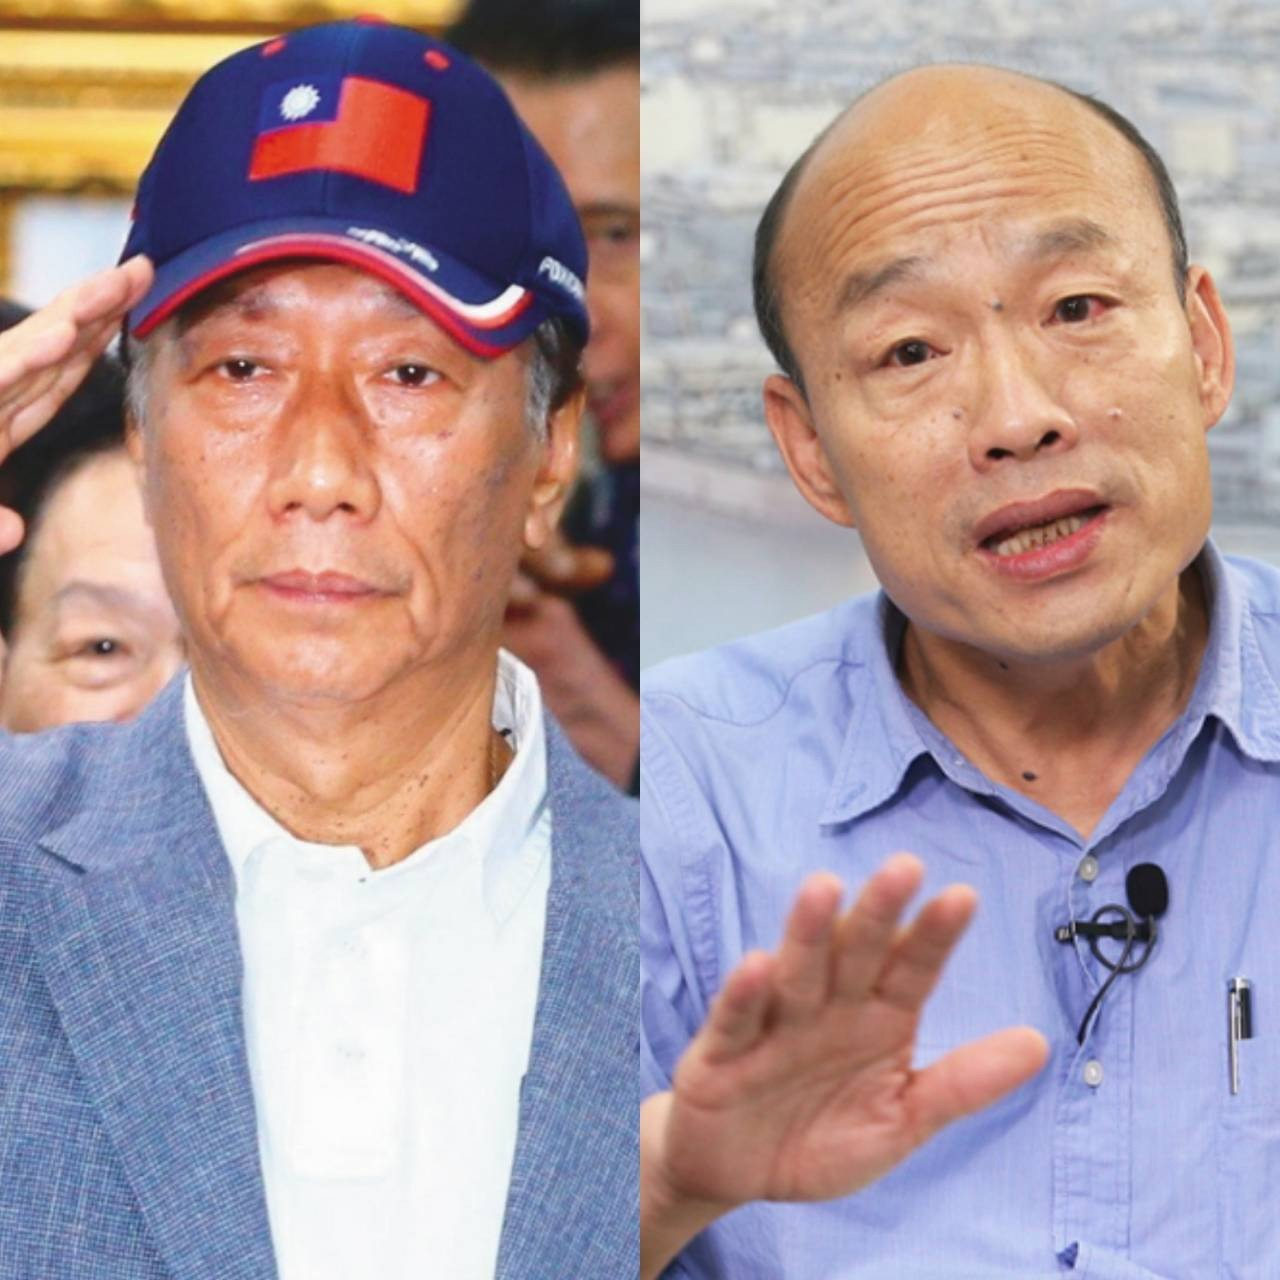 鴻海董事長郭台銘與高雄市長韓國瑜。聯合報資料照合成